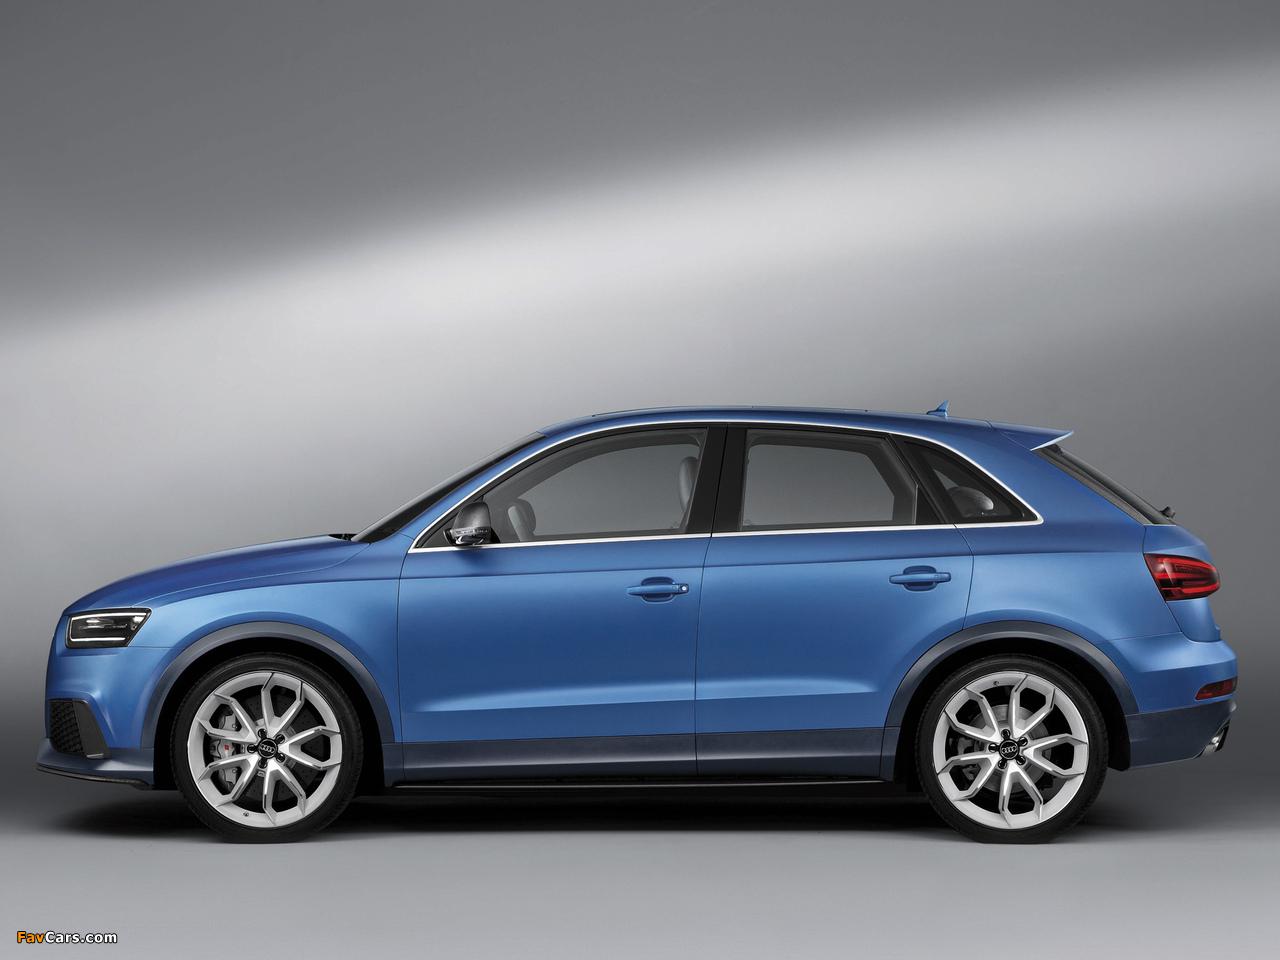 Audi RS Q3 Concept 2012 pictures (1280 x 960)